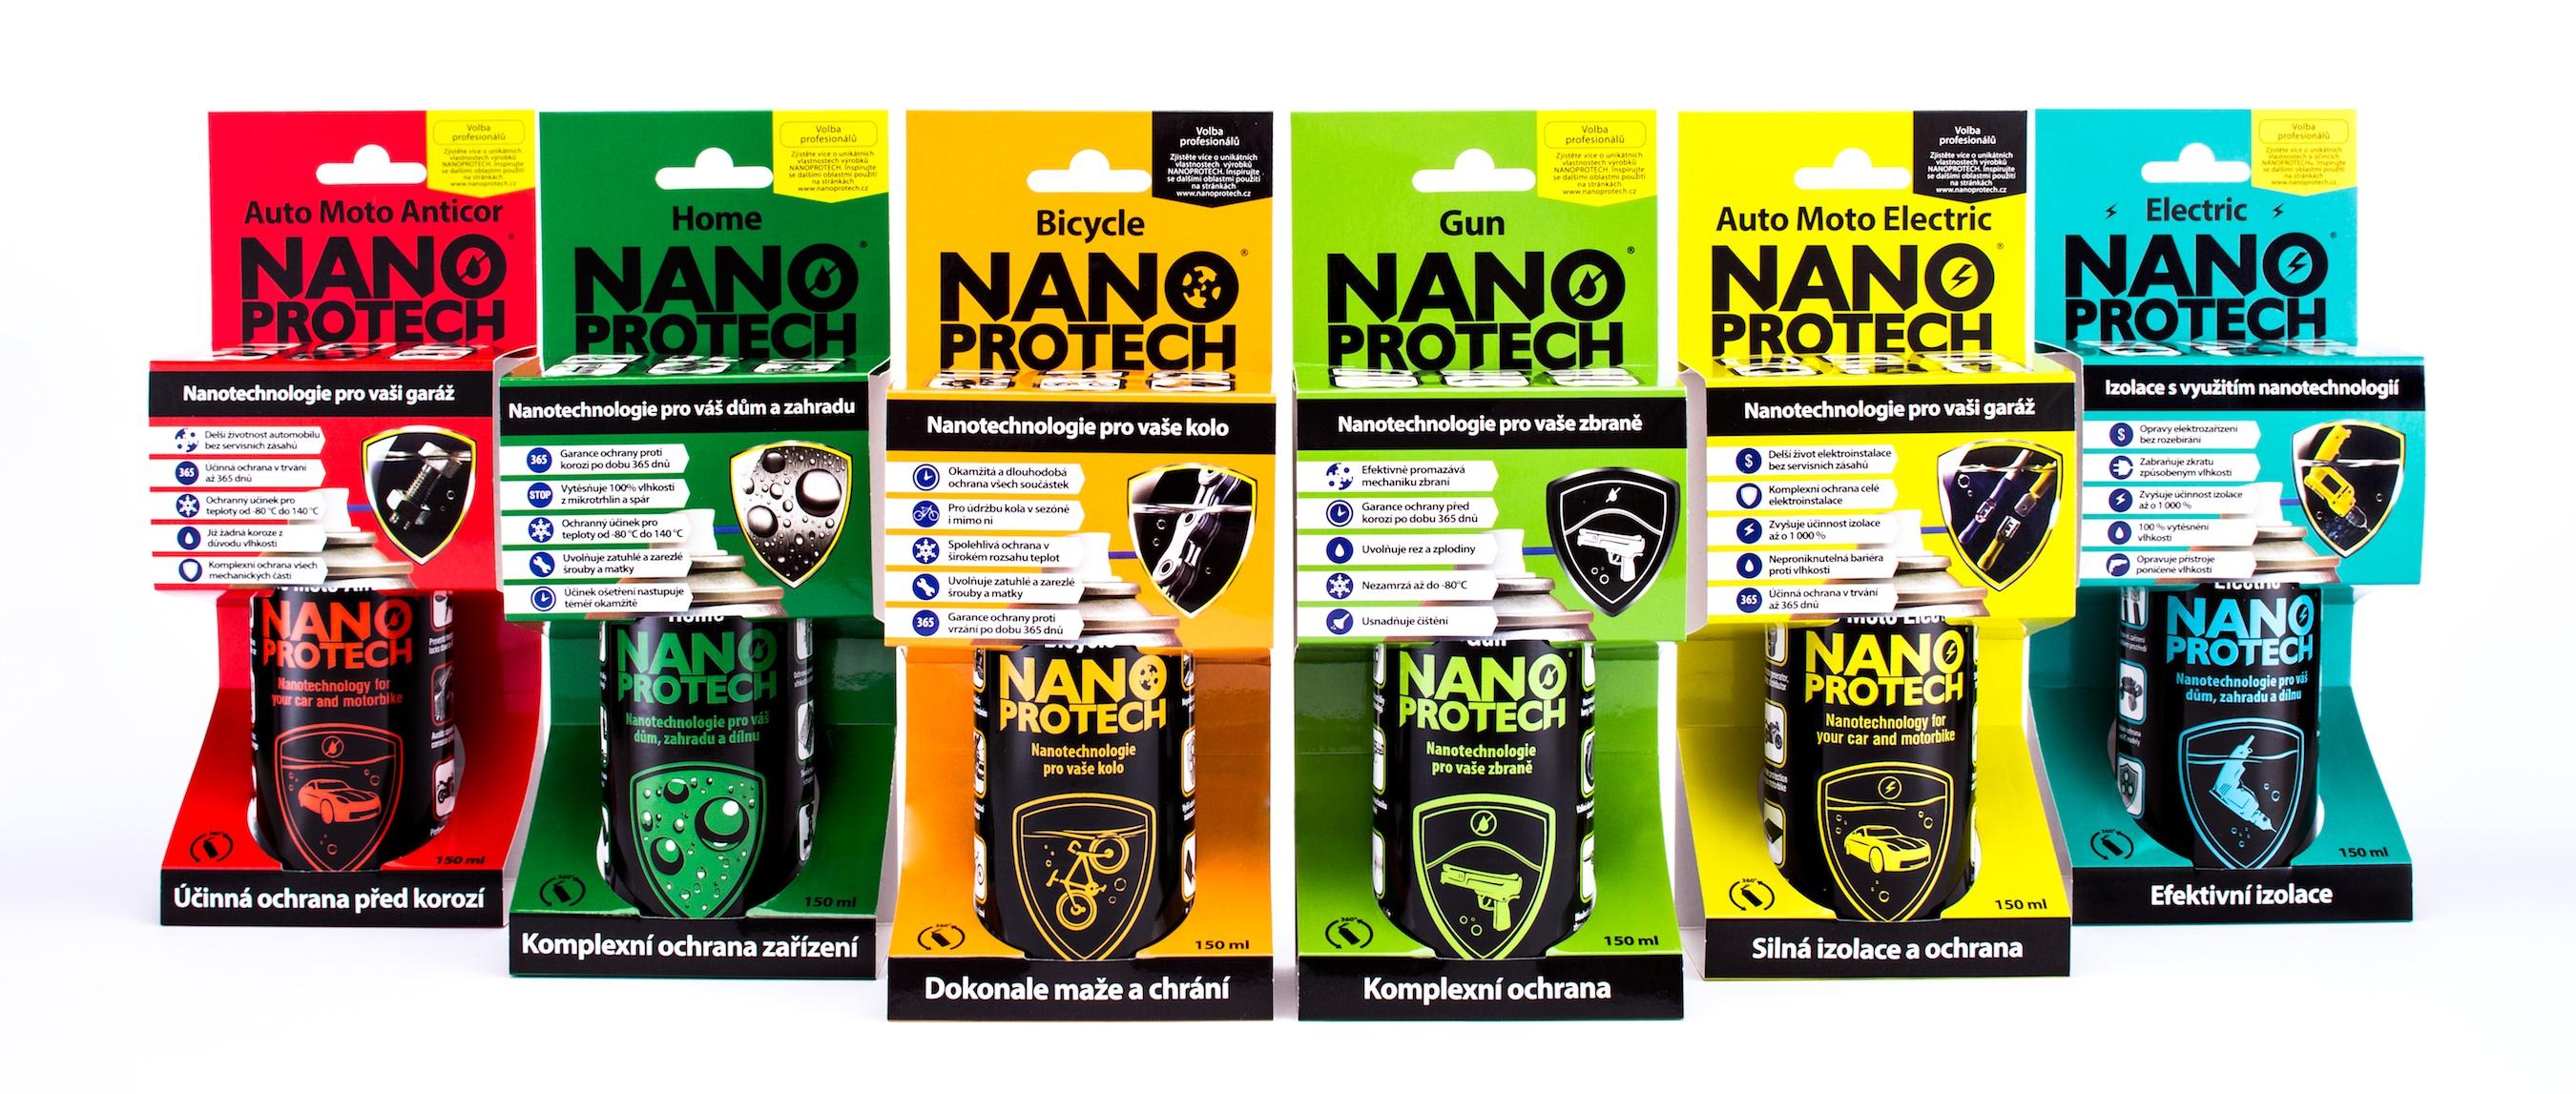 96f4dca5f4b NANO Produkty a impregnace